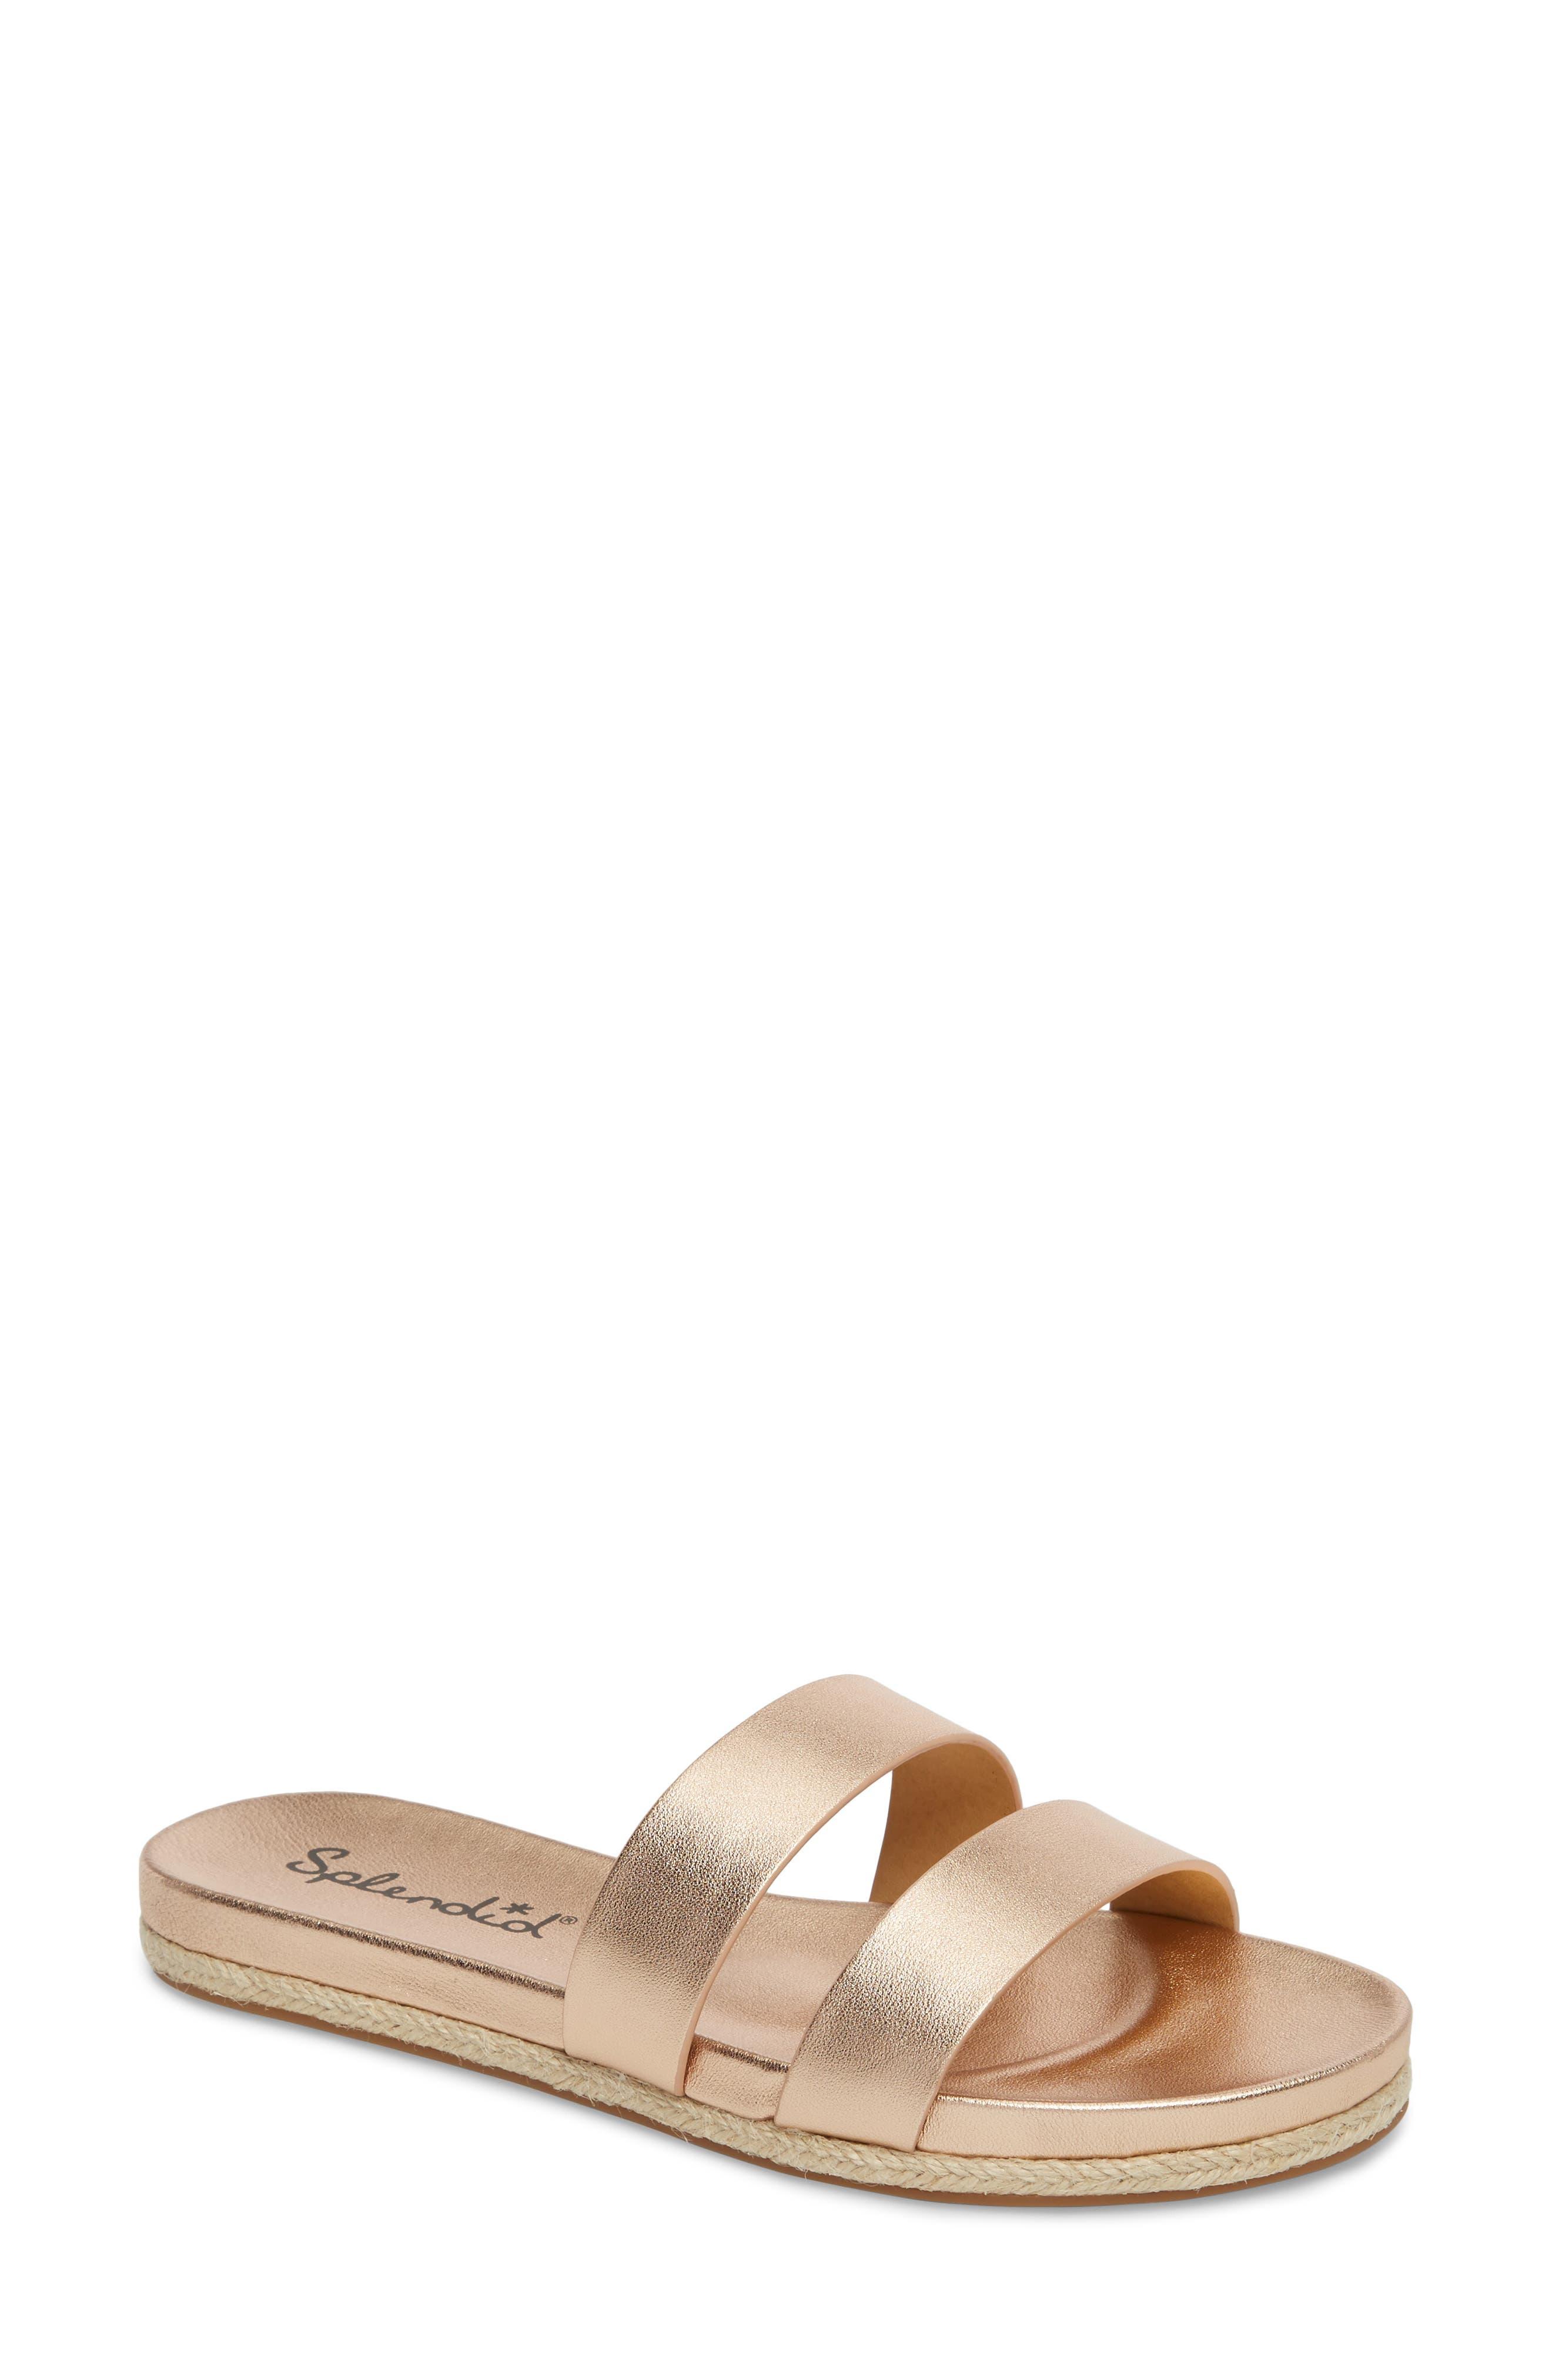 Main Image - Splendid Brittani Slide Sandal (Women)